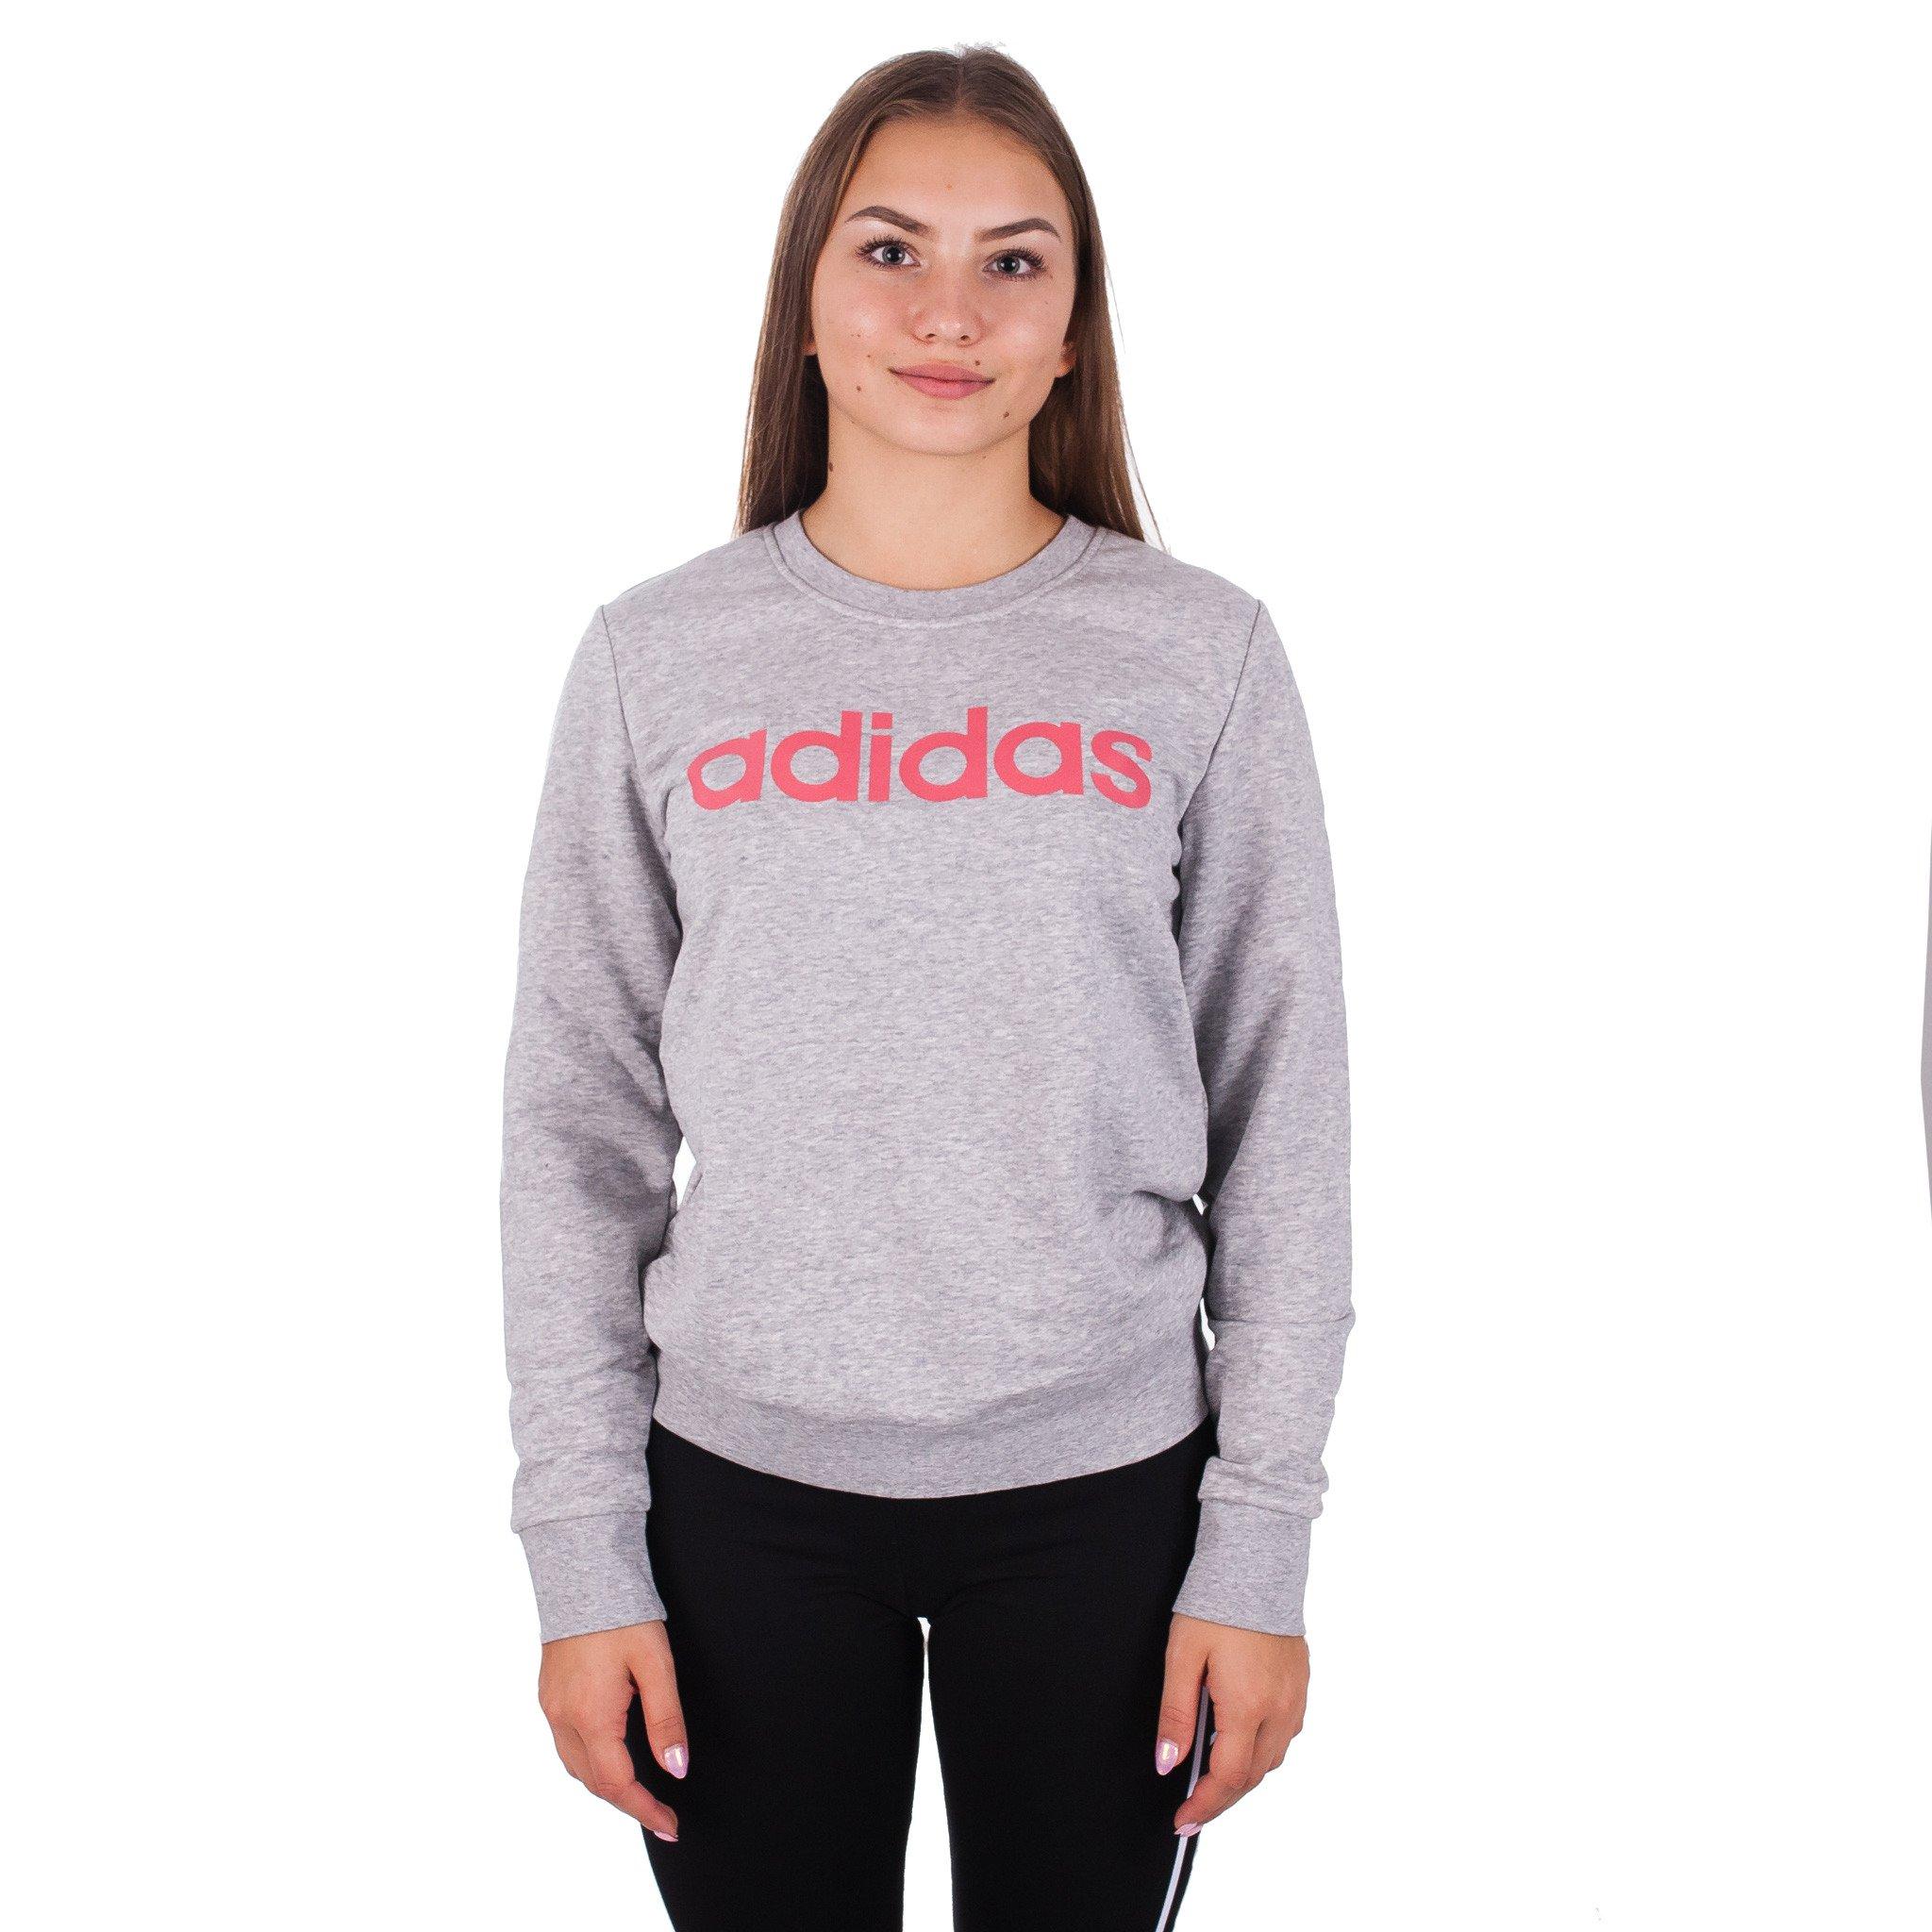 adidas bluza szara damska